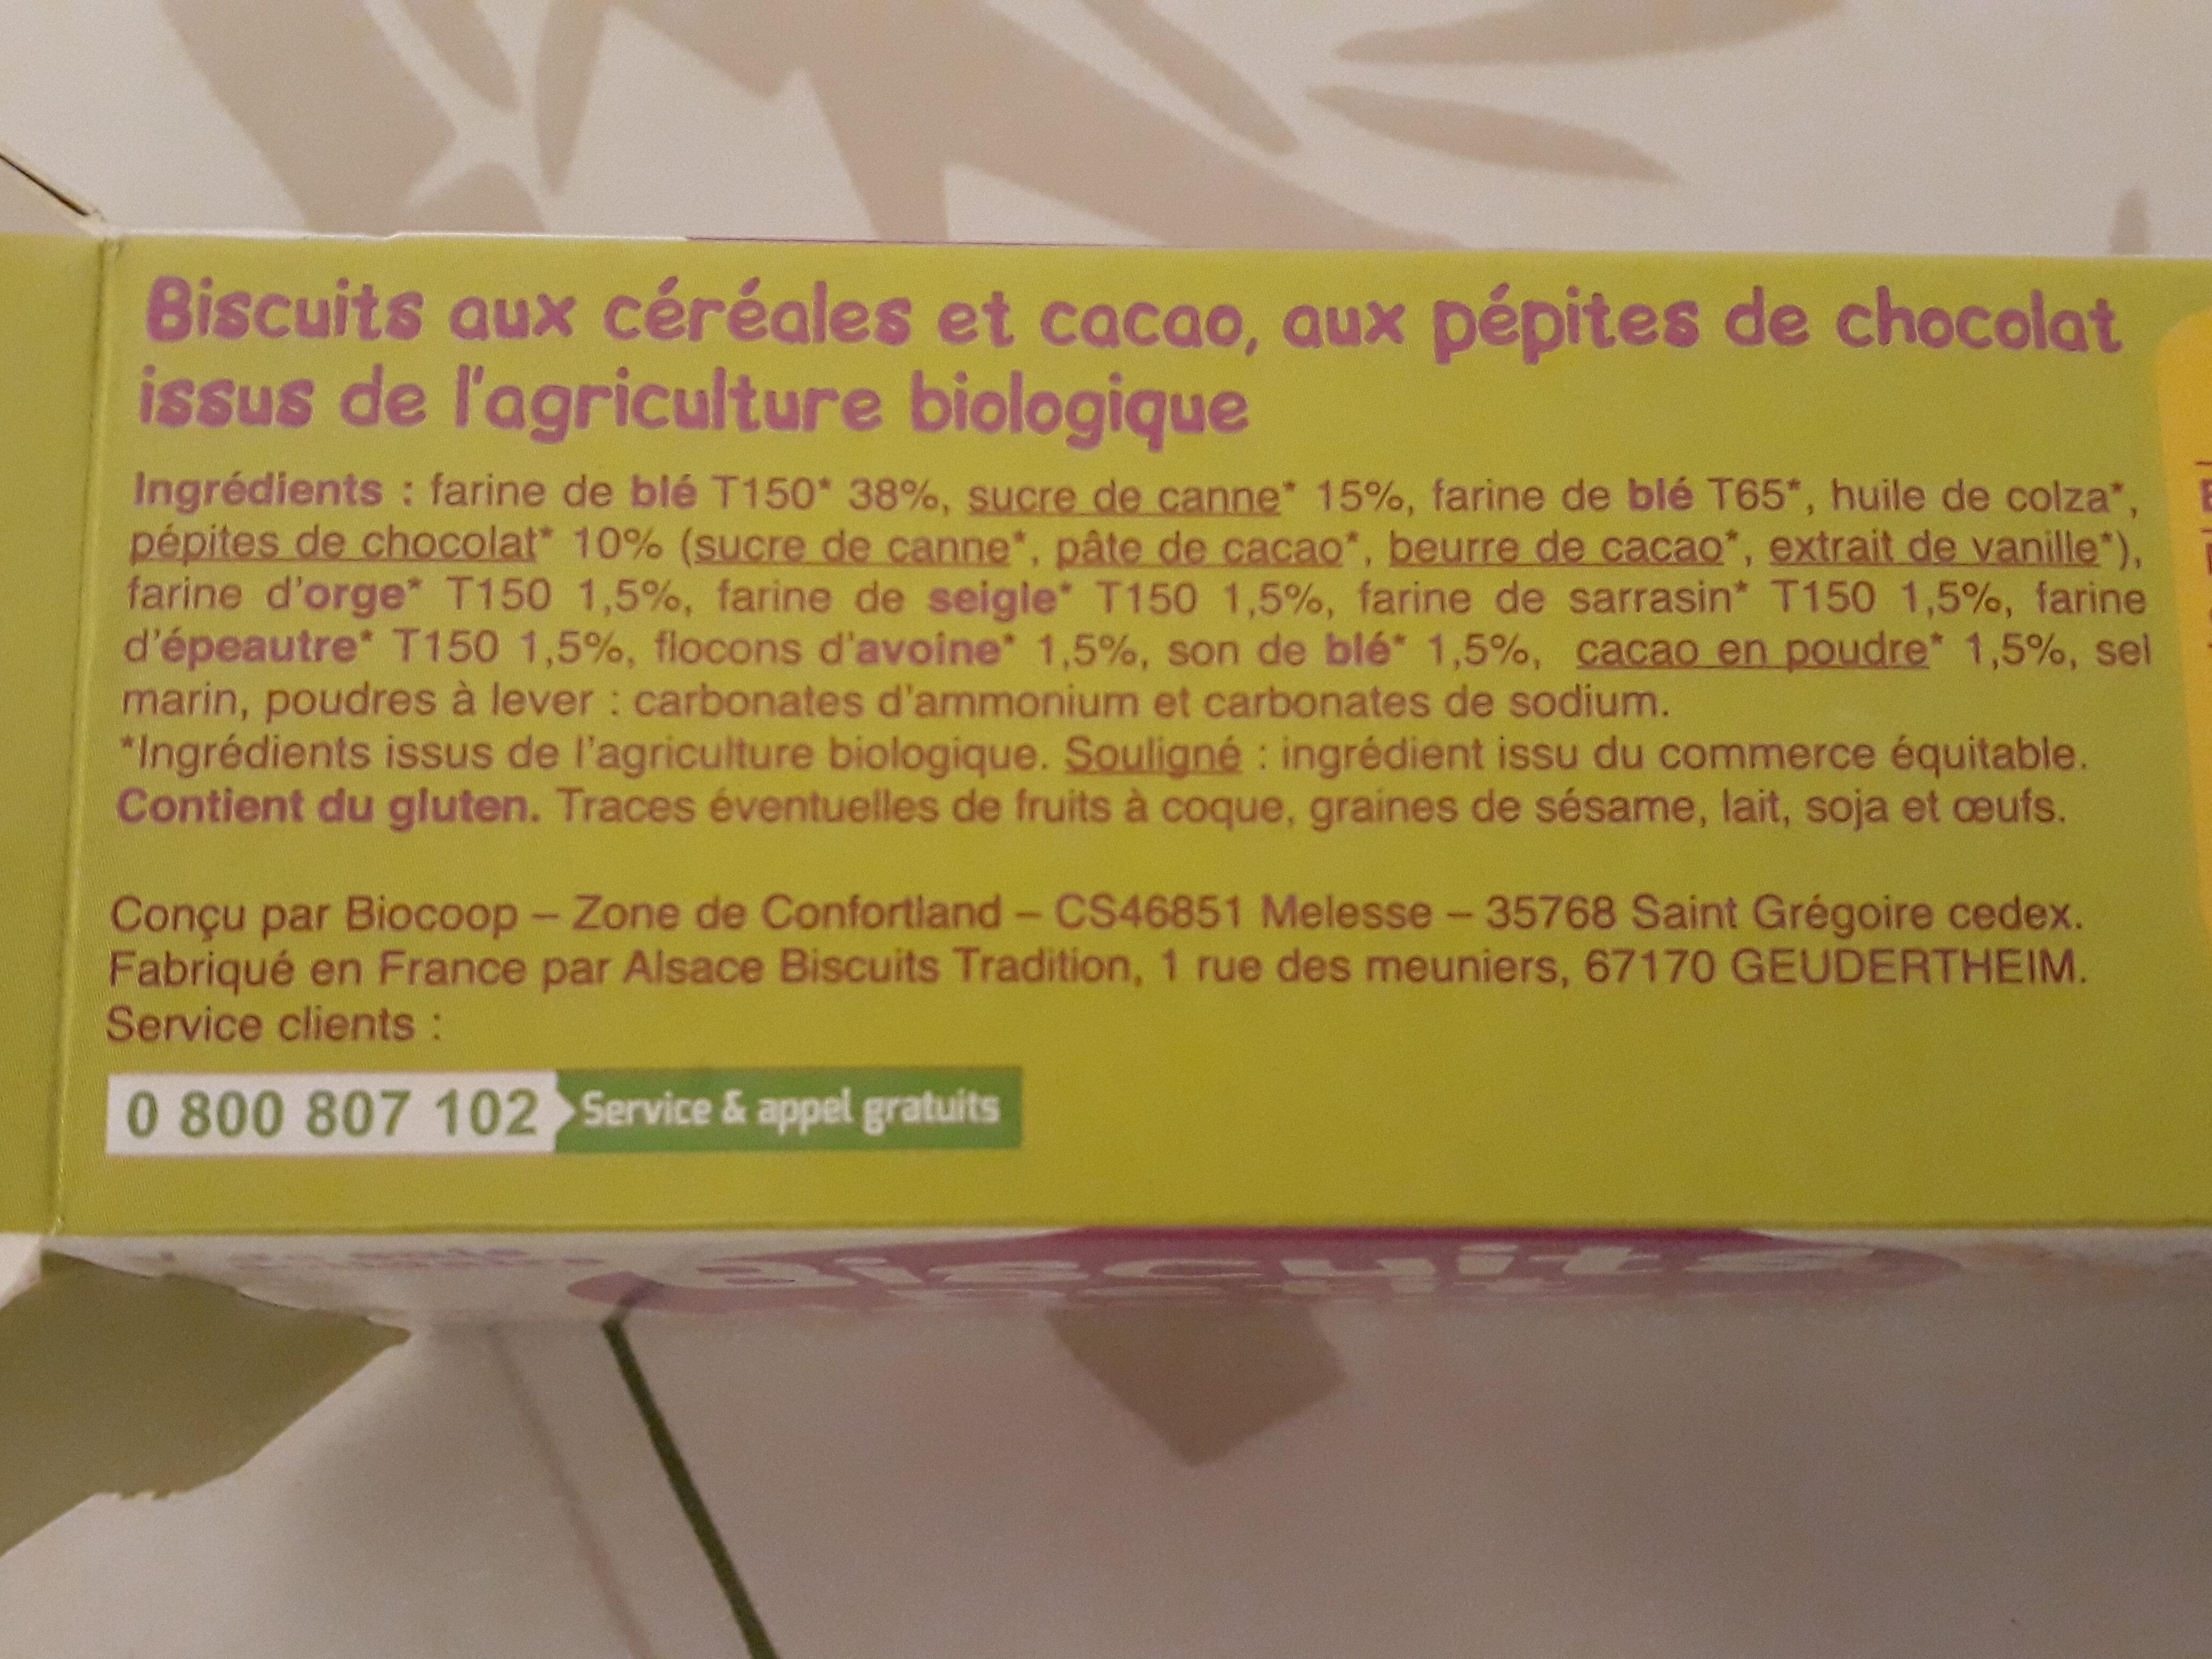 Biscuits petit déjeuner - 6 céréales et chocolat - Ingredients - fr